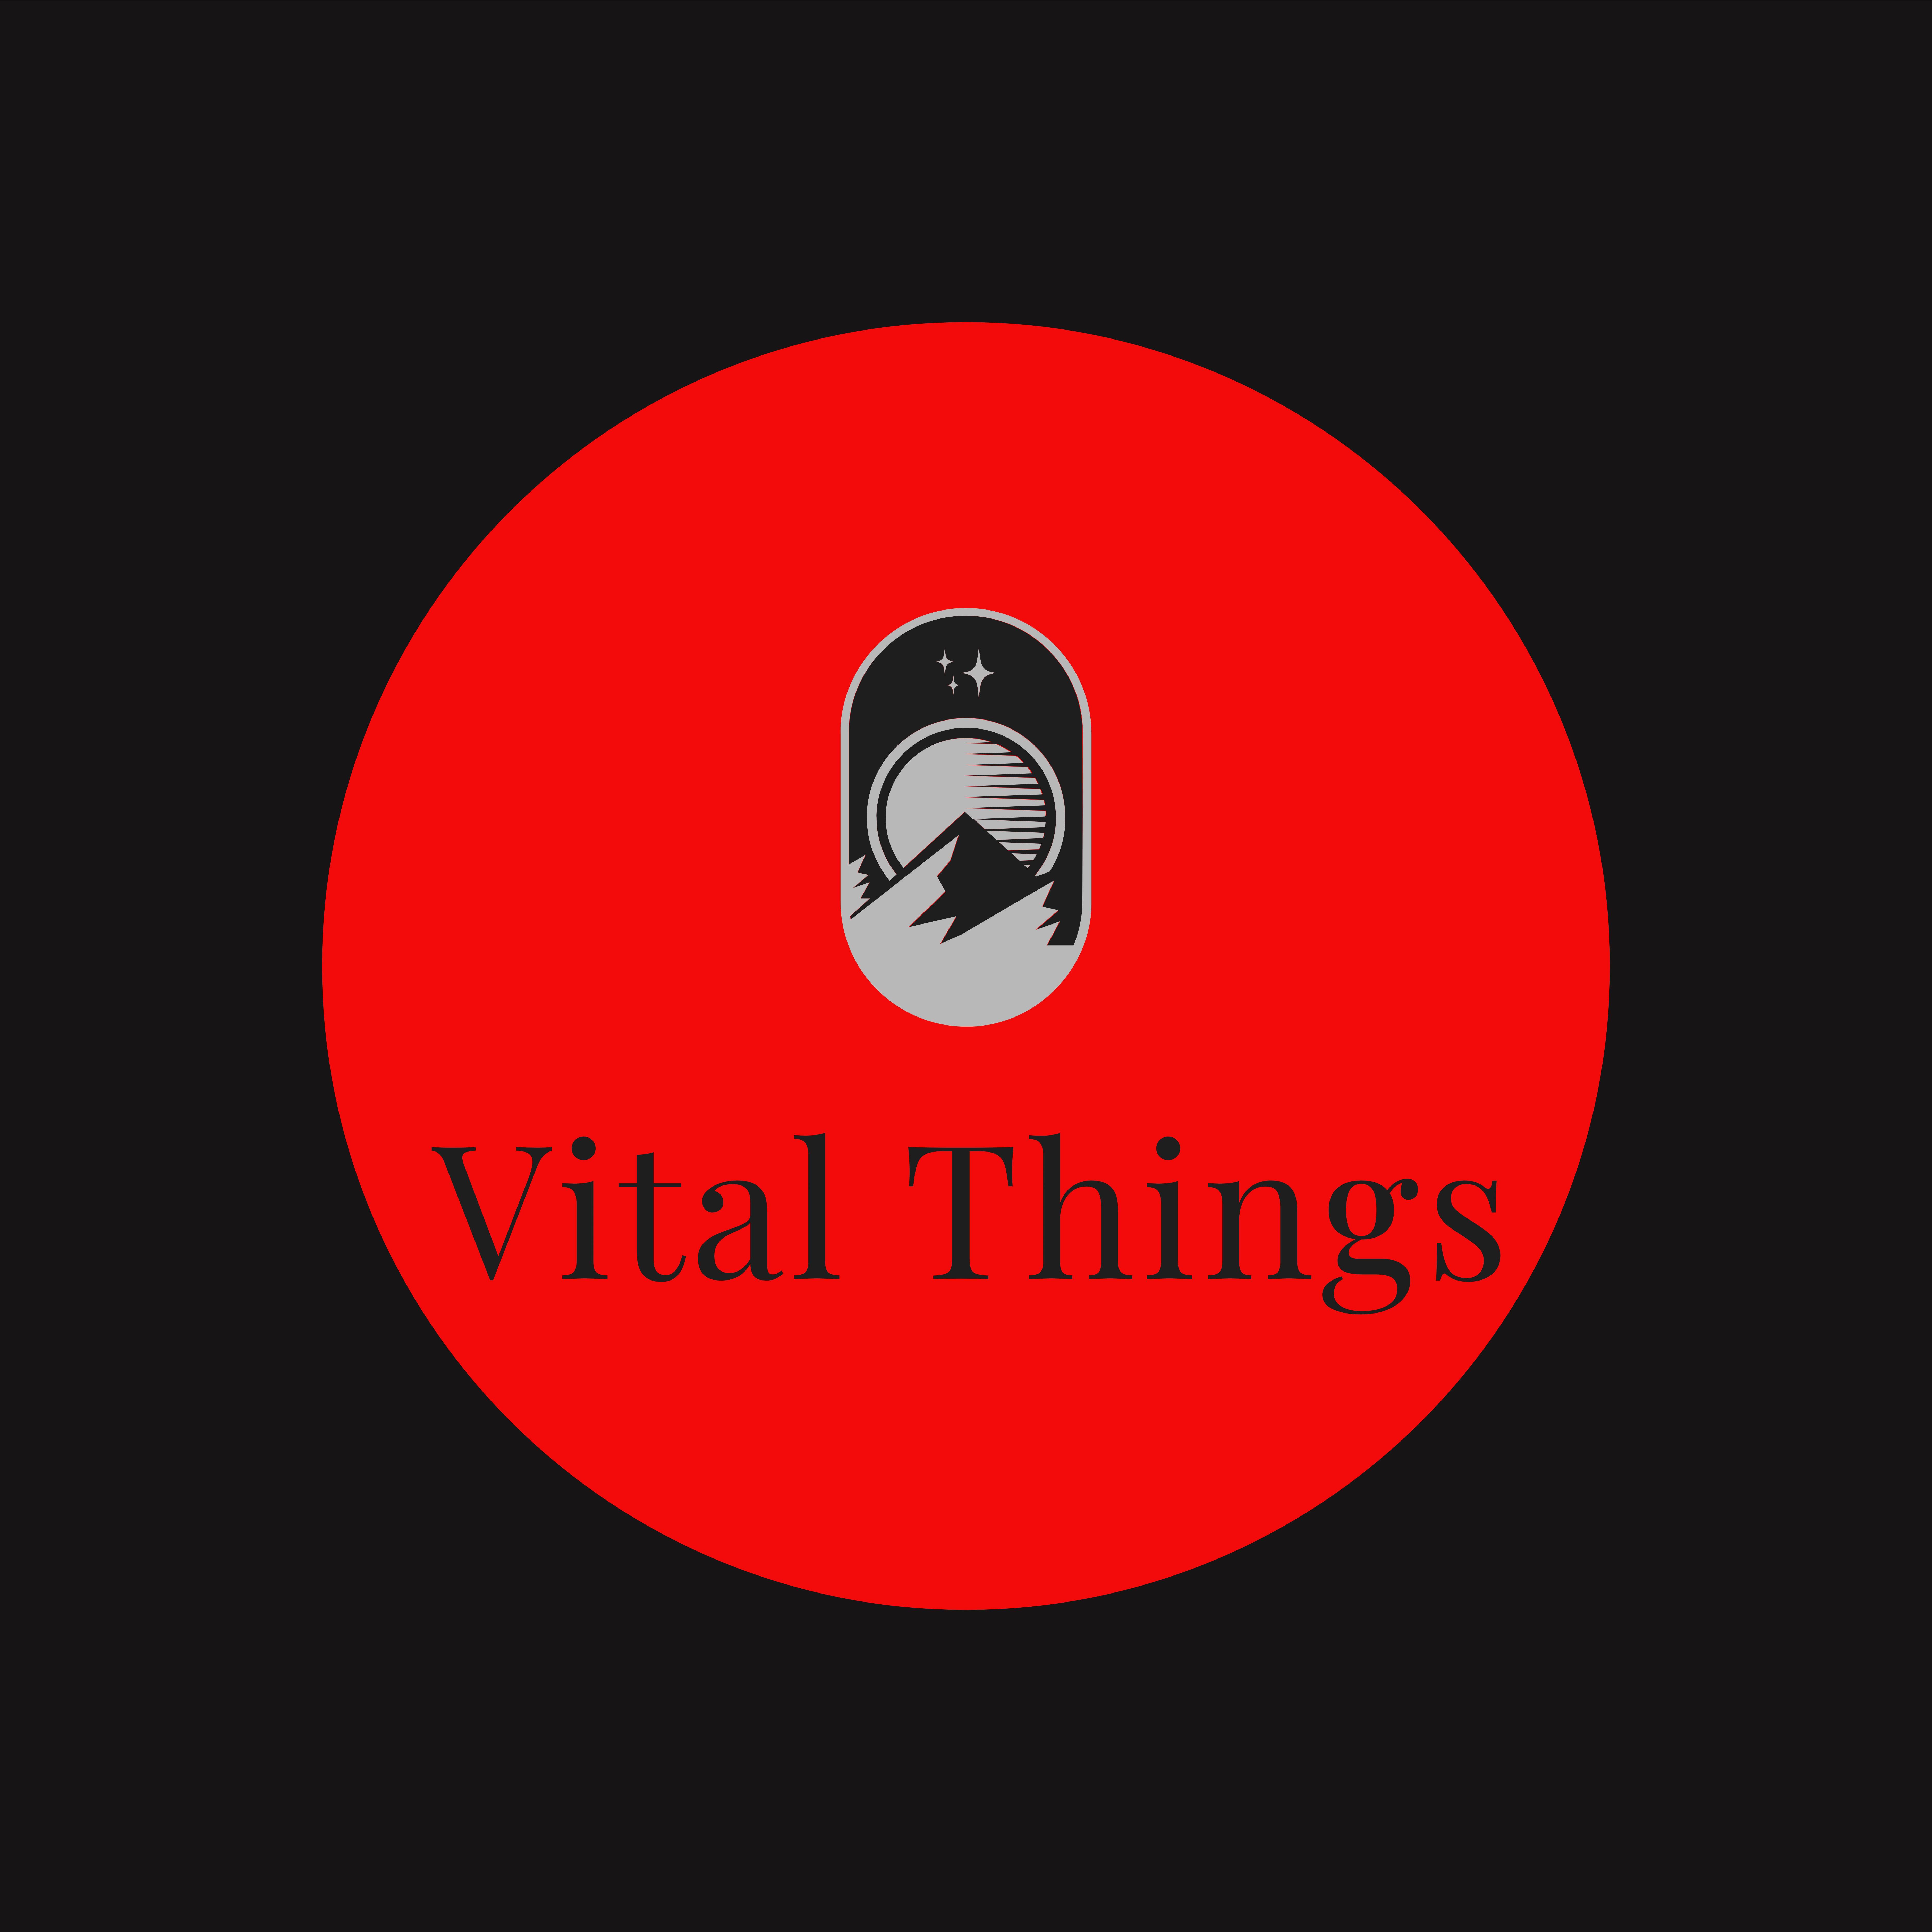 Vital Things